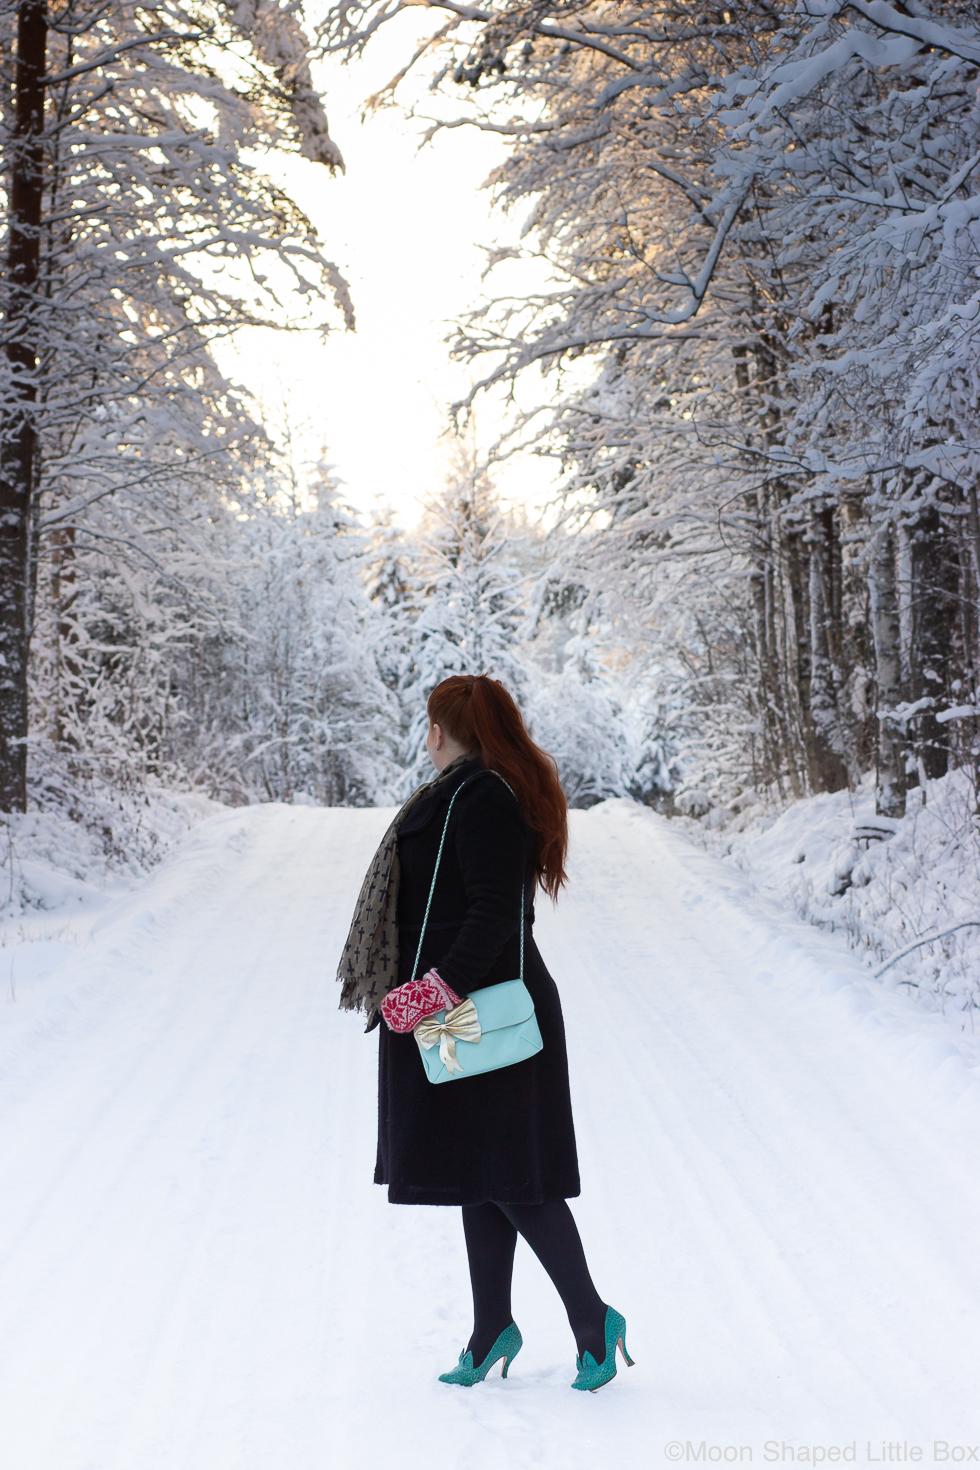 Talvimuoti-2020-Pohjois-Karjala